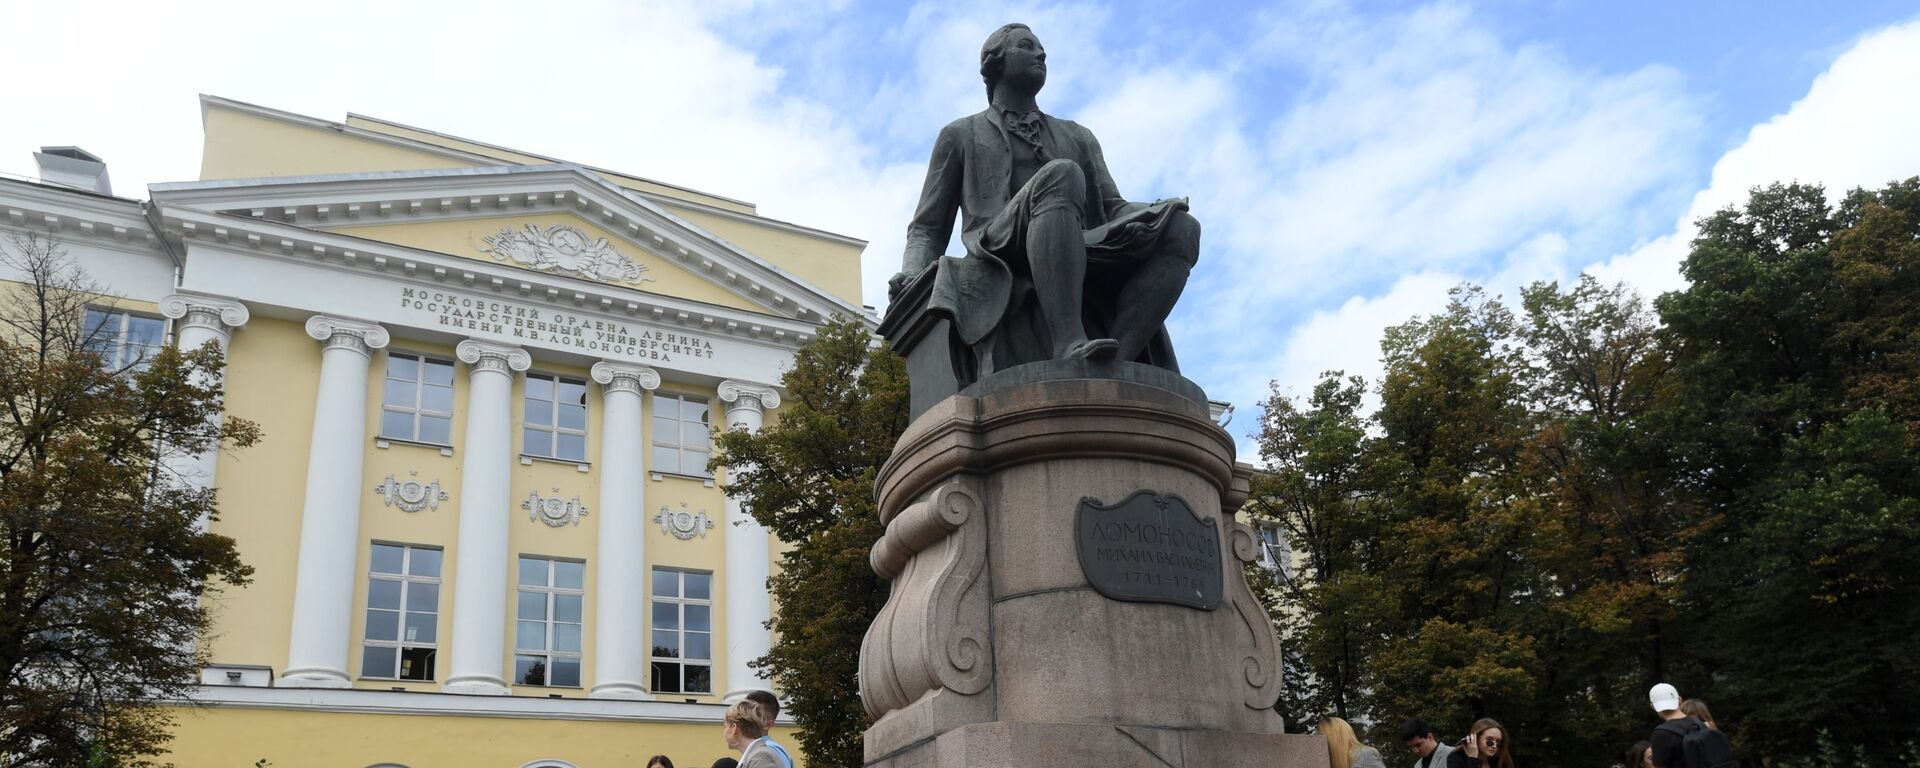 ლომონოსოვის სახელობის სახელმწიფო უნივერსიტეტი - Sputnik საქართველო, 1920, 25.01.2021